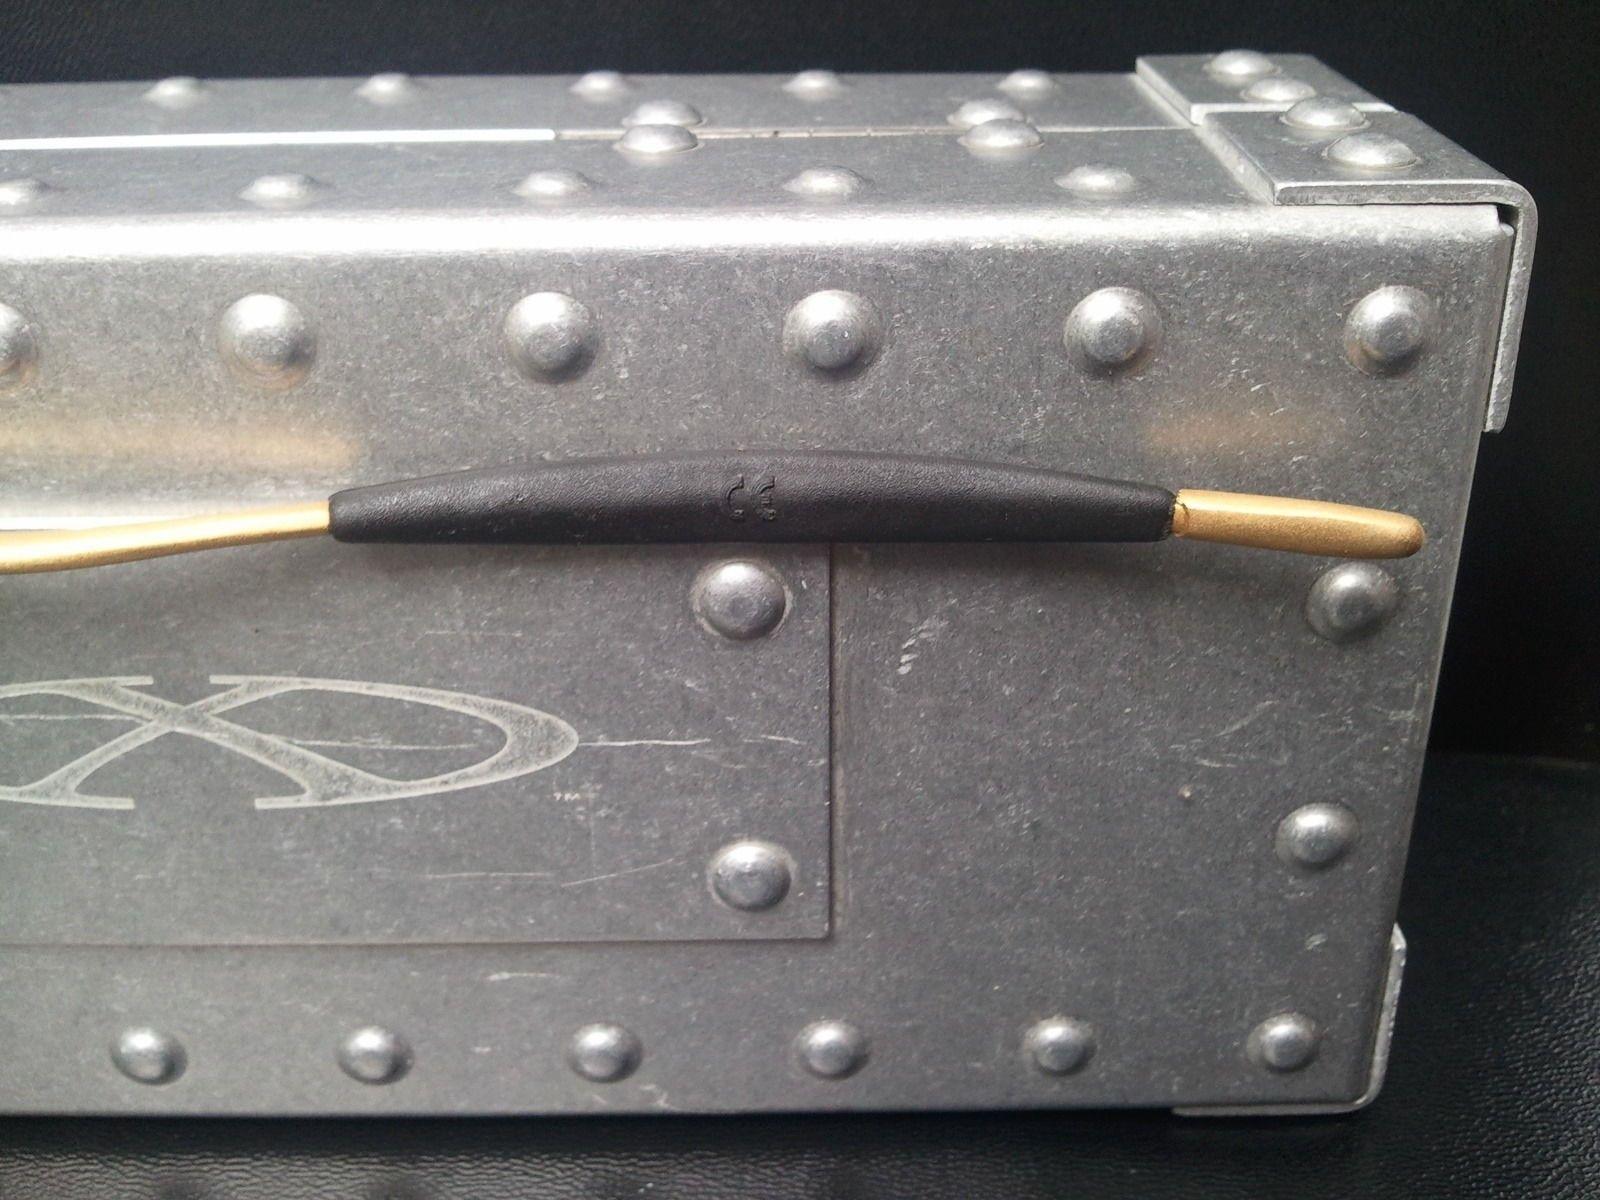 Oakley Forum 10,000 Member Giveaway - Oakley_XMetal_XX_24K_Sunglasses_4.JPG